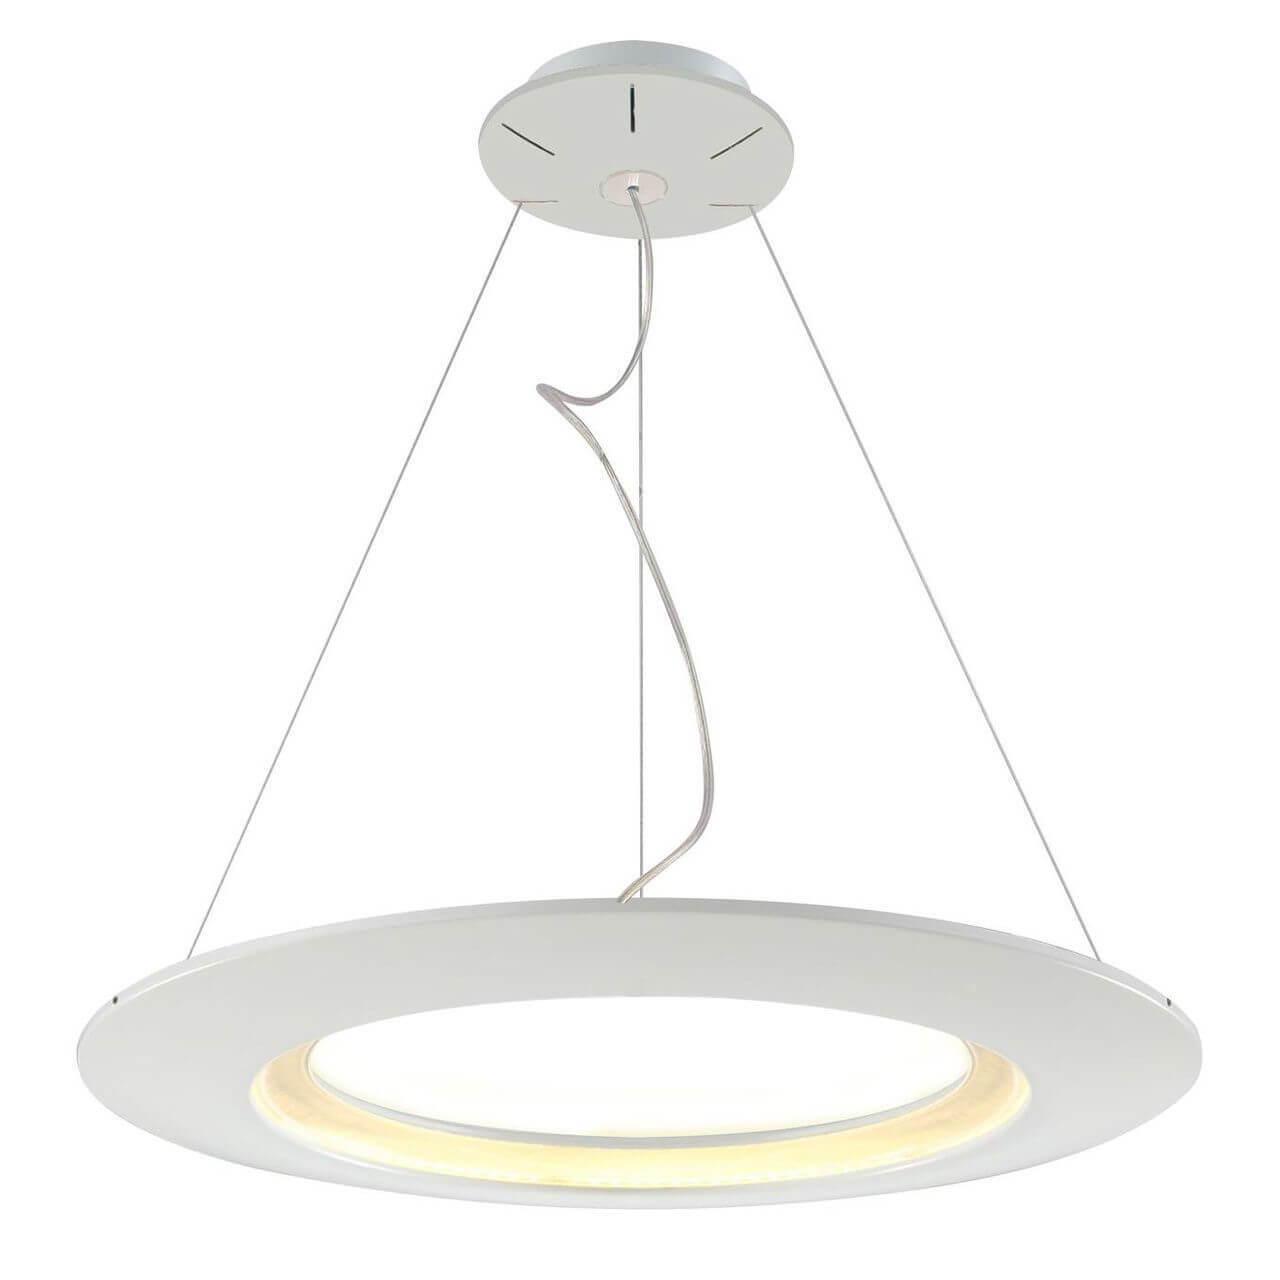 купить Подвесной светодиодный светильник Horoz Concept-41 белый 019-010-0041 по цене 21641 рублей